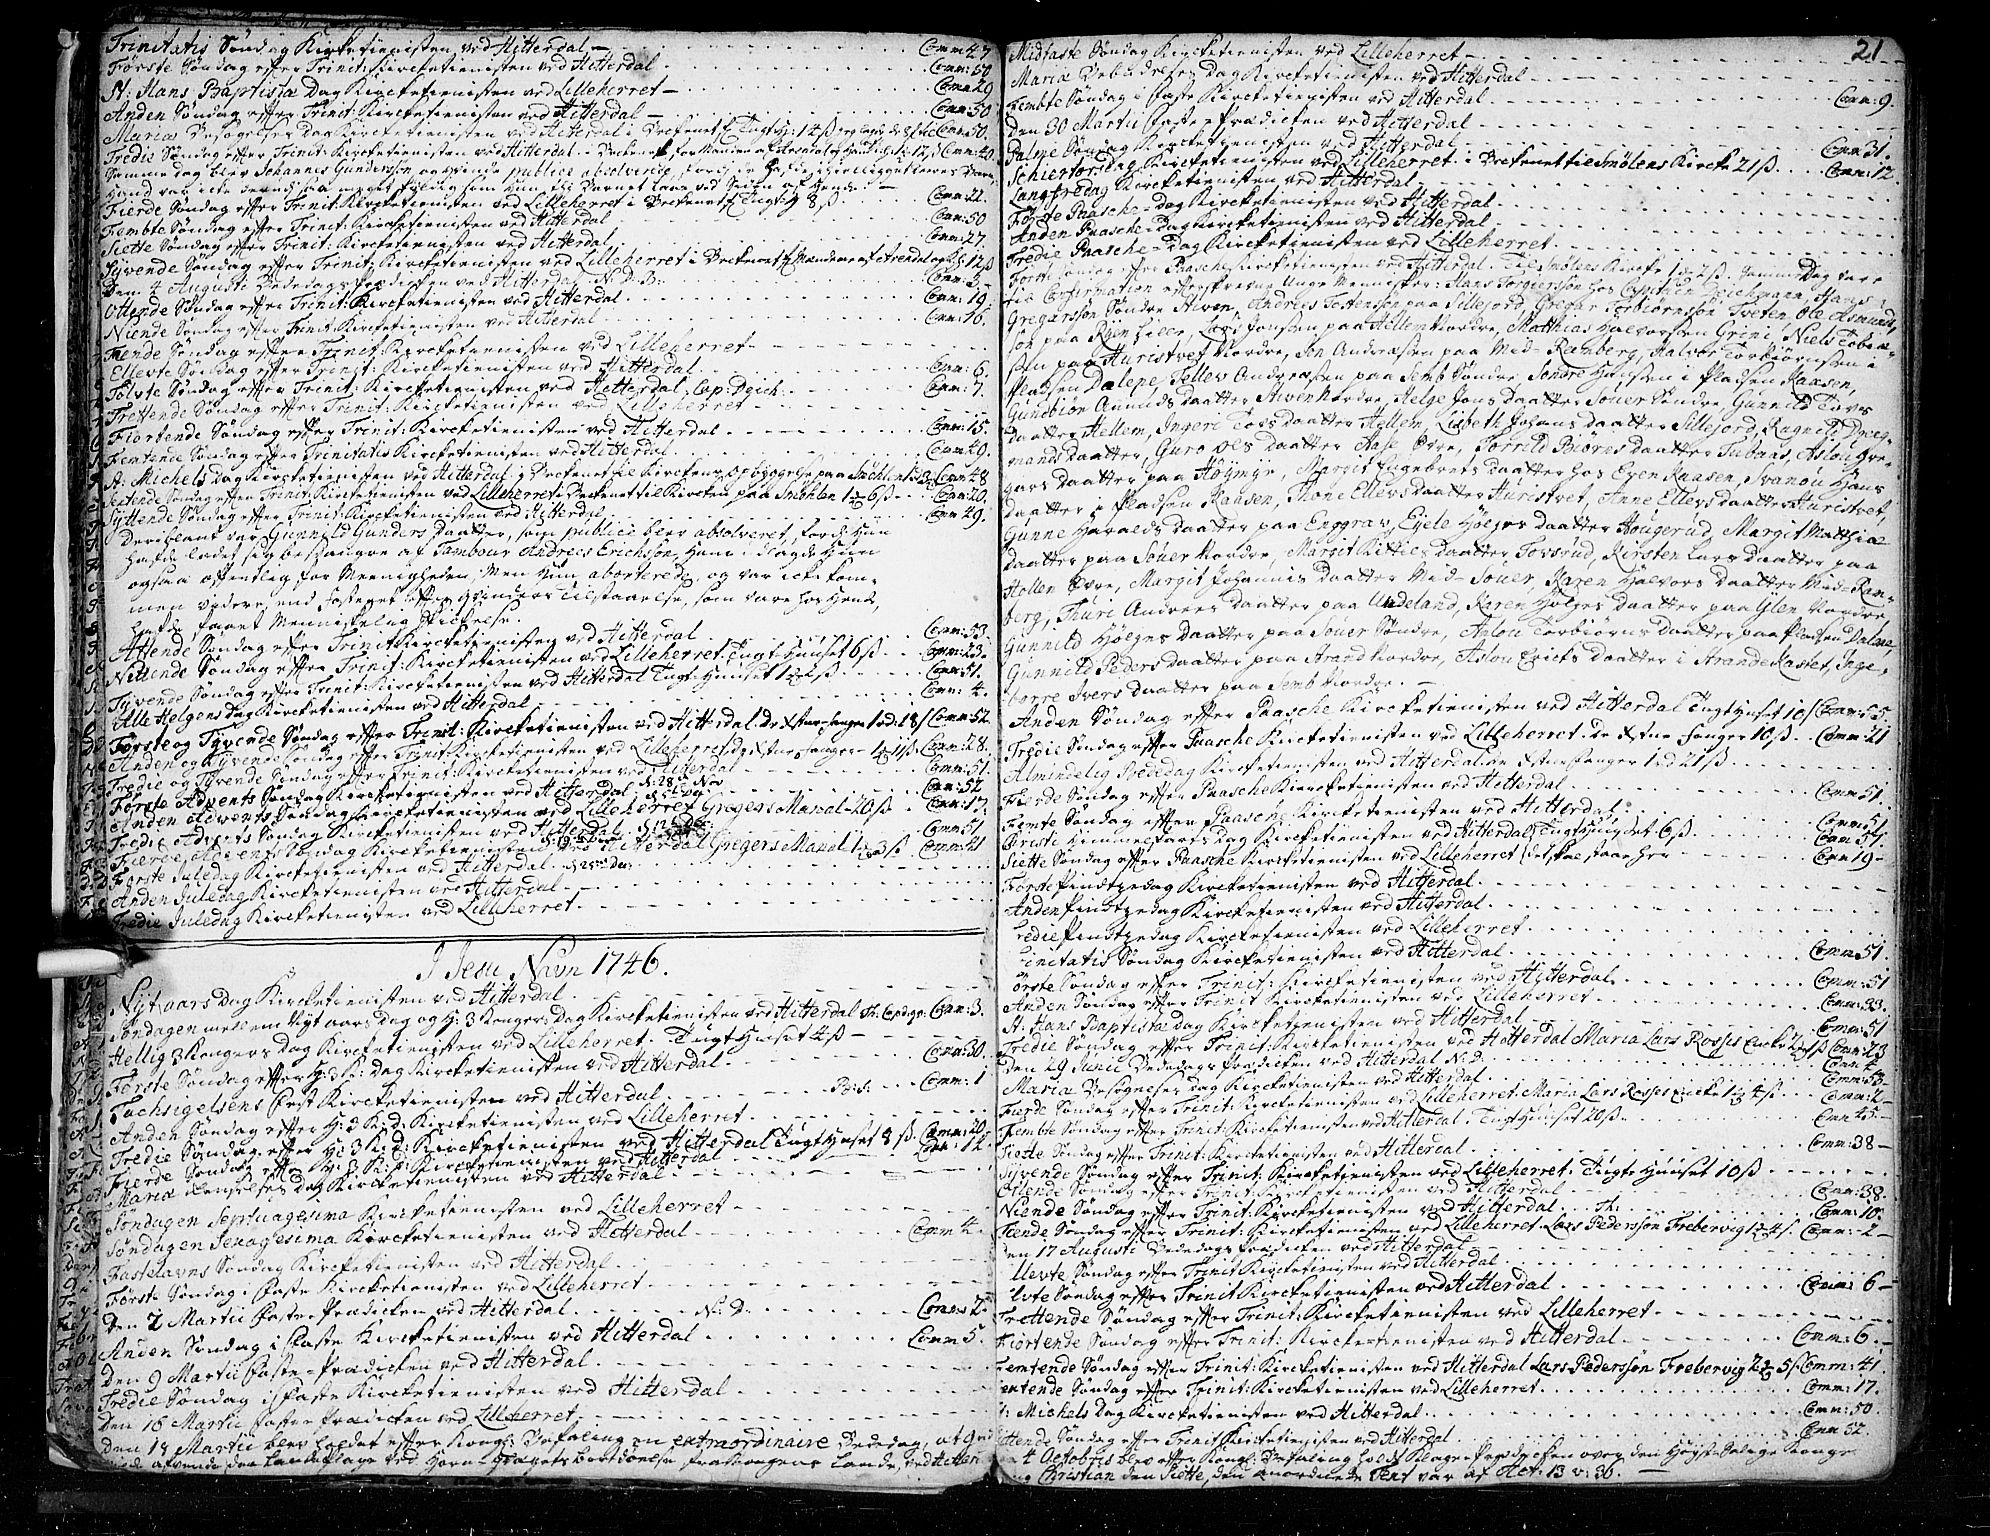 SAKO, Heddal kirkebøker, F/Fa/L0003: Ministerialbok nr. I 3, 1723-1783, s. 21